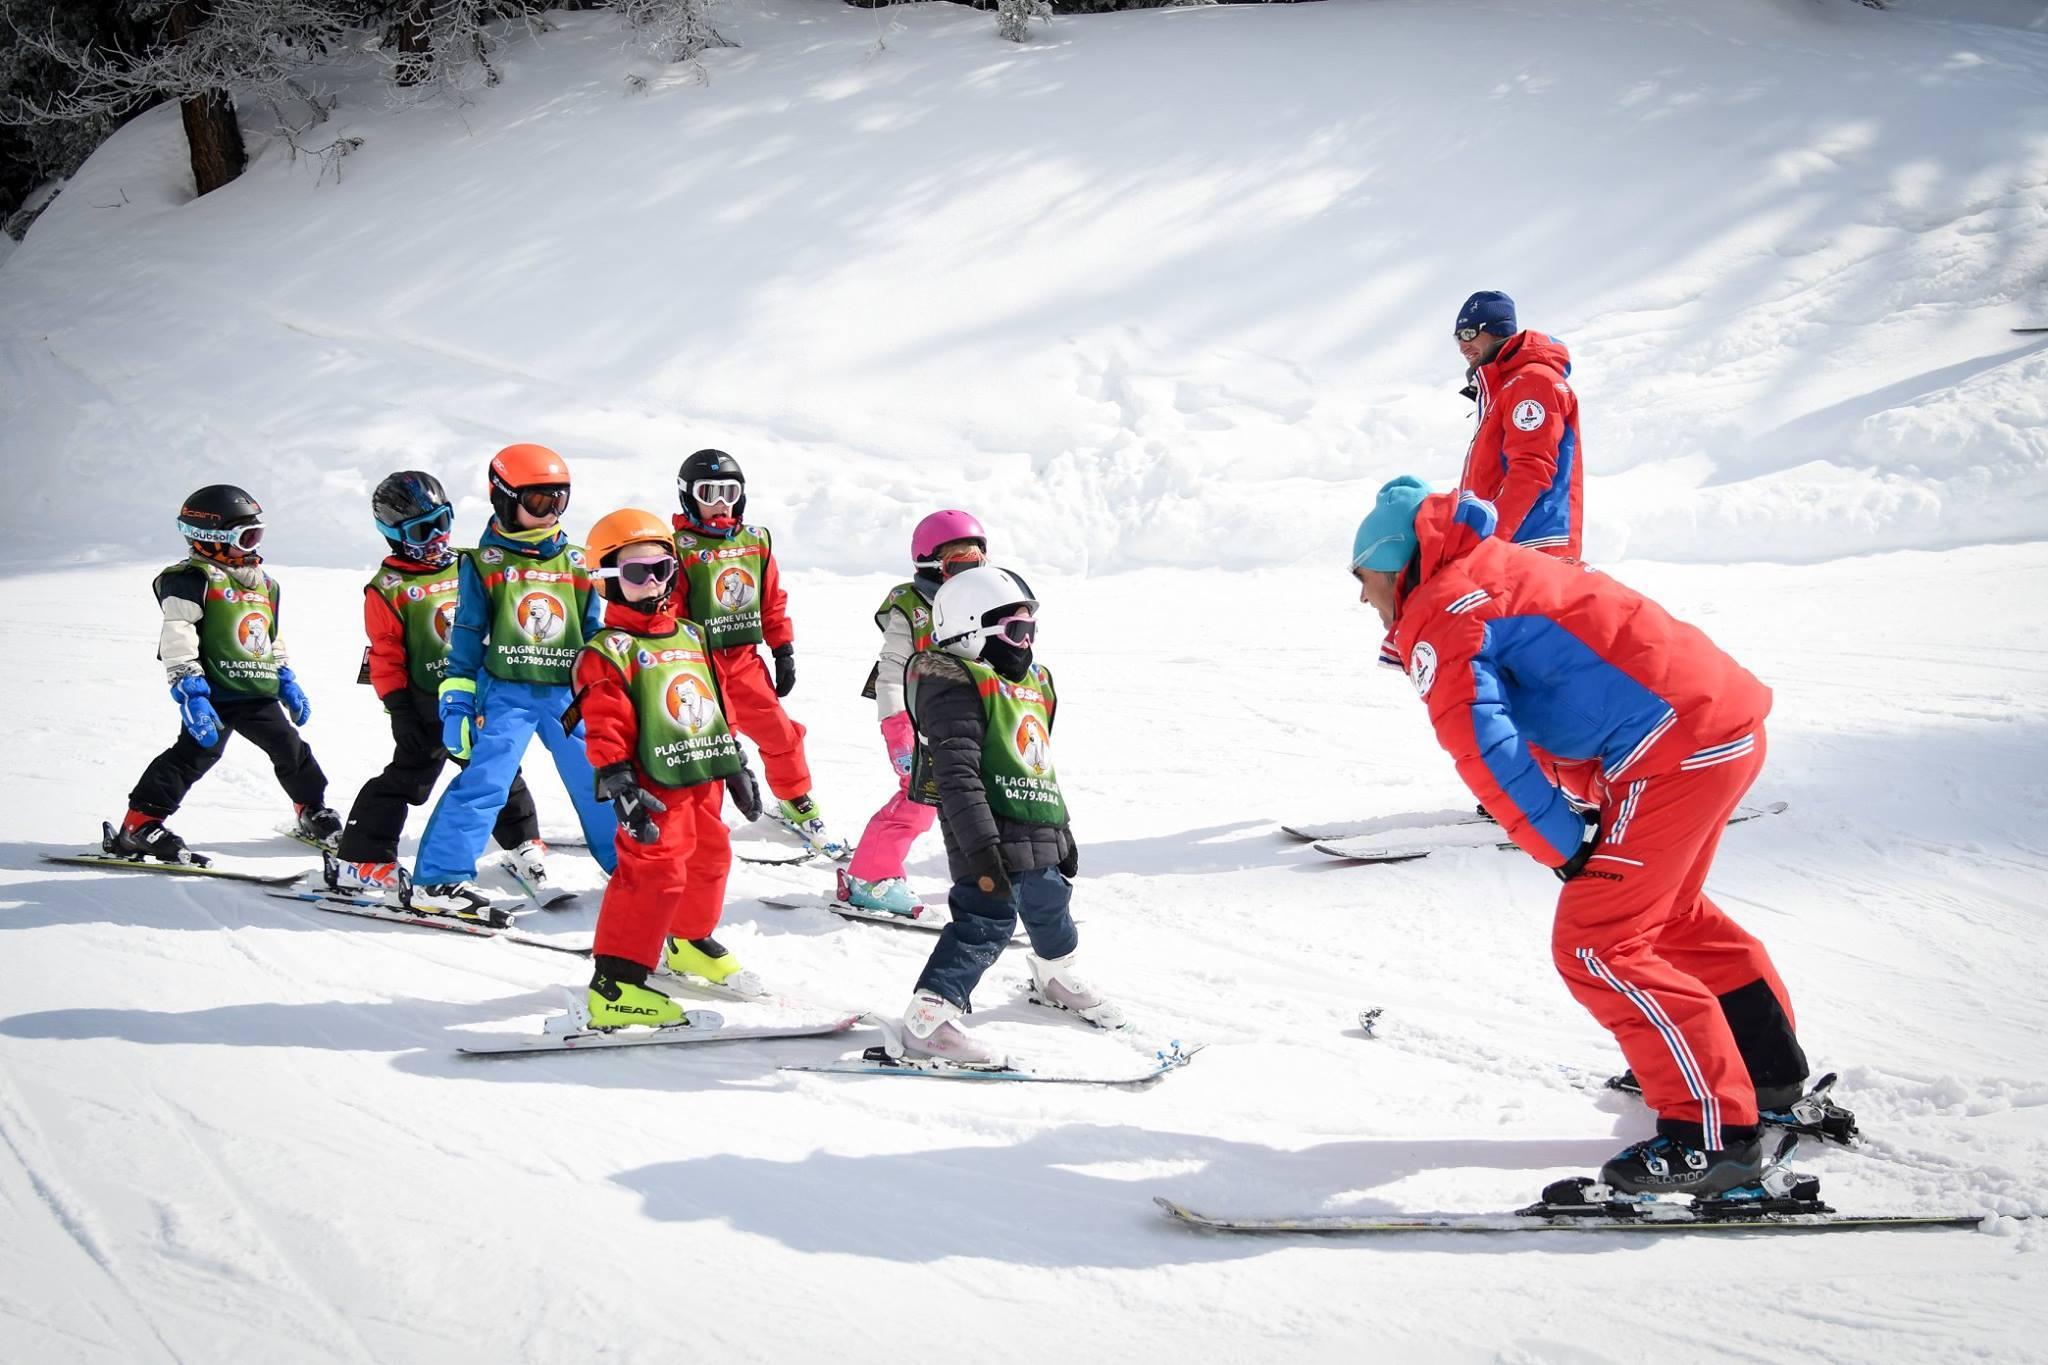 Cours de ski pour Enfants (5-12 ans) - Matin - Vacances